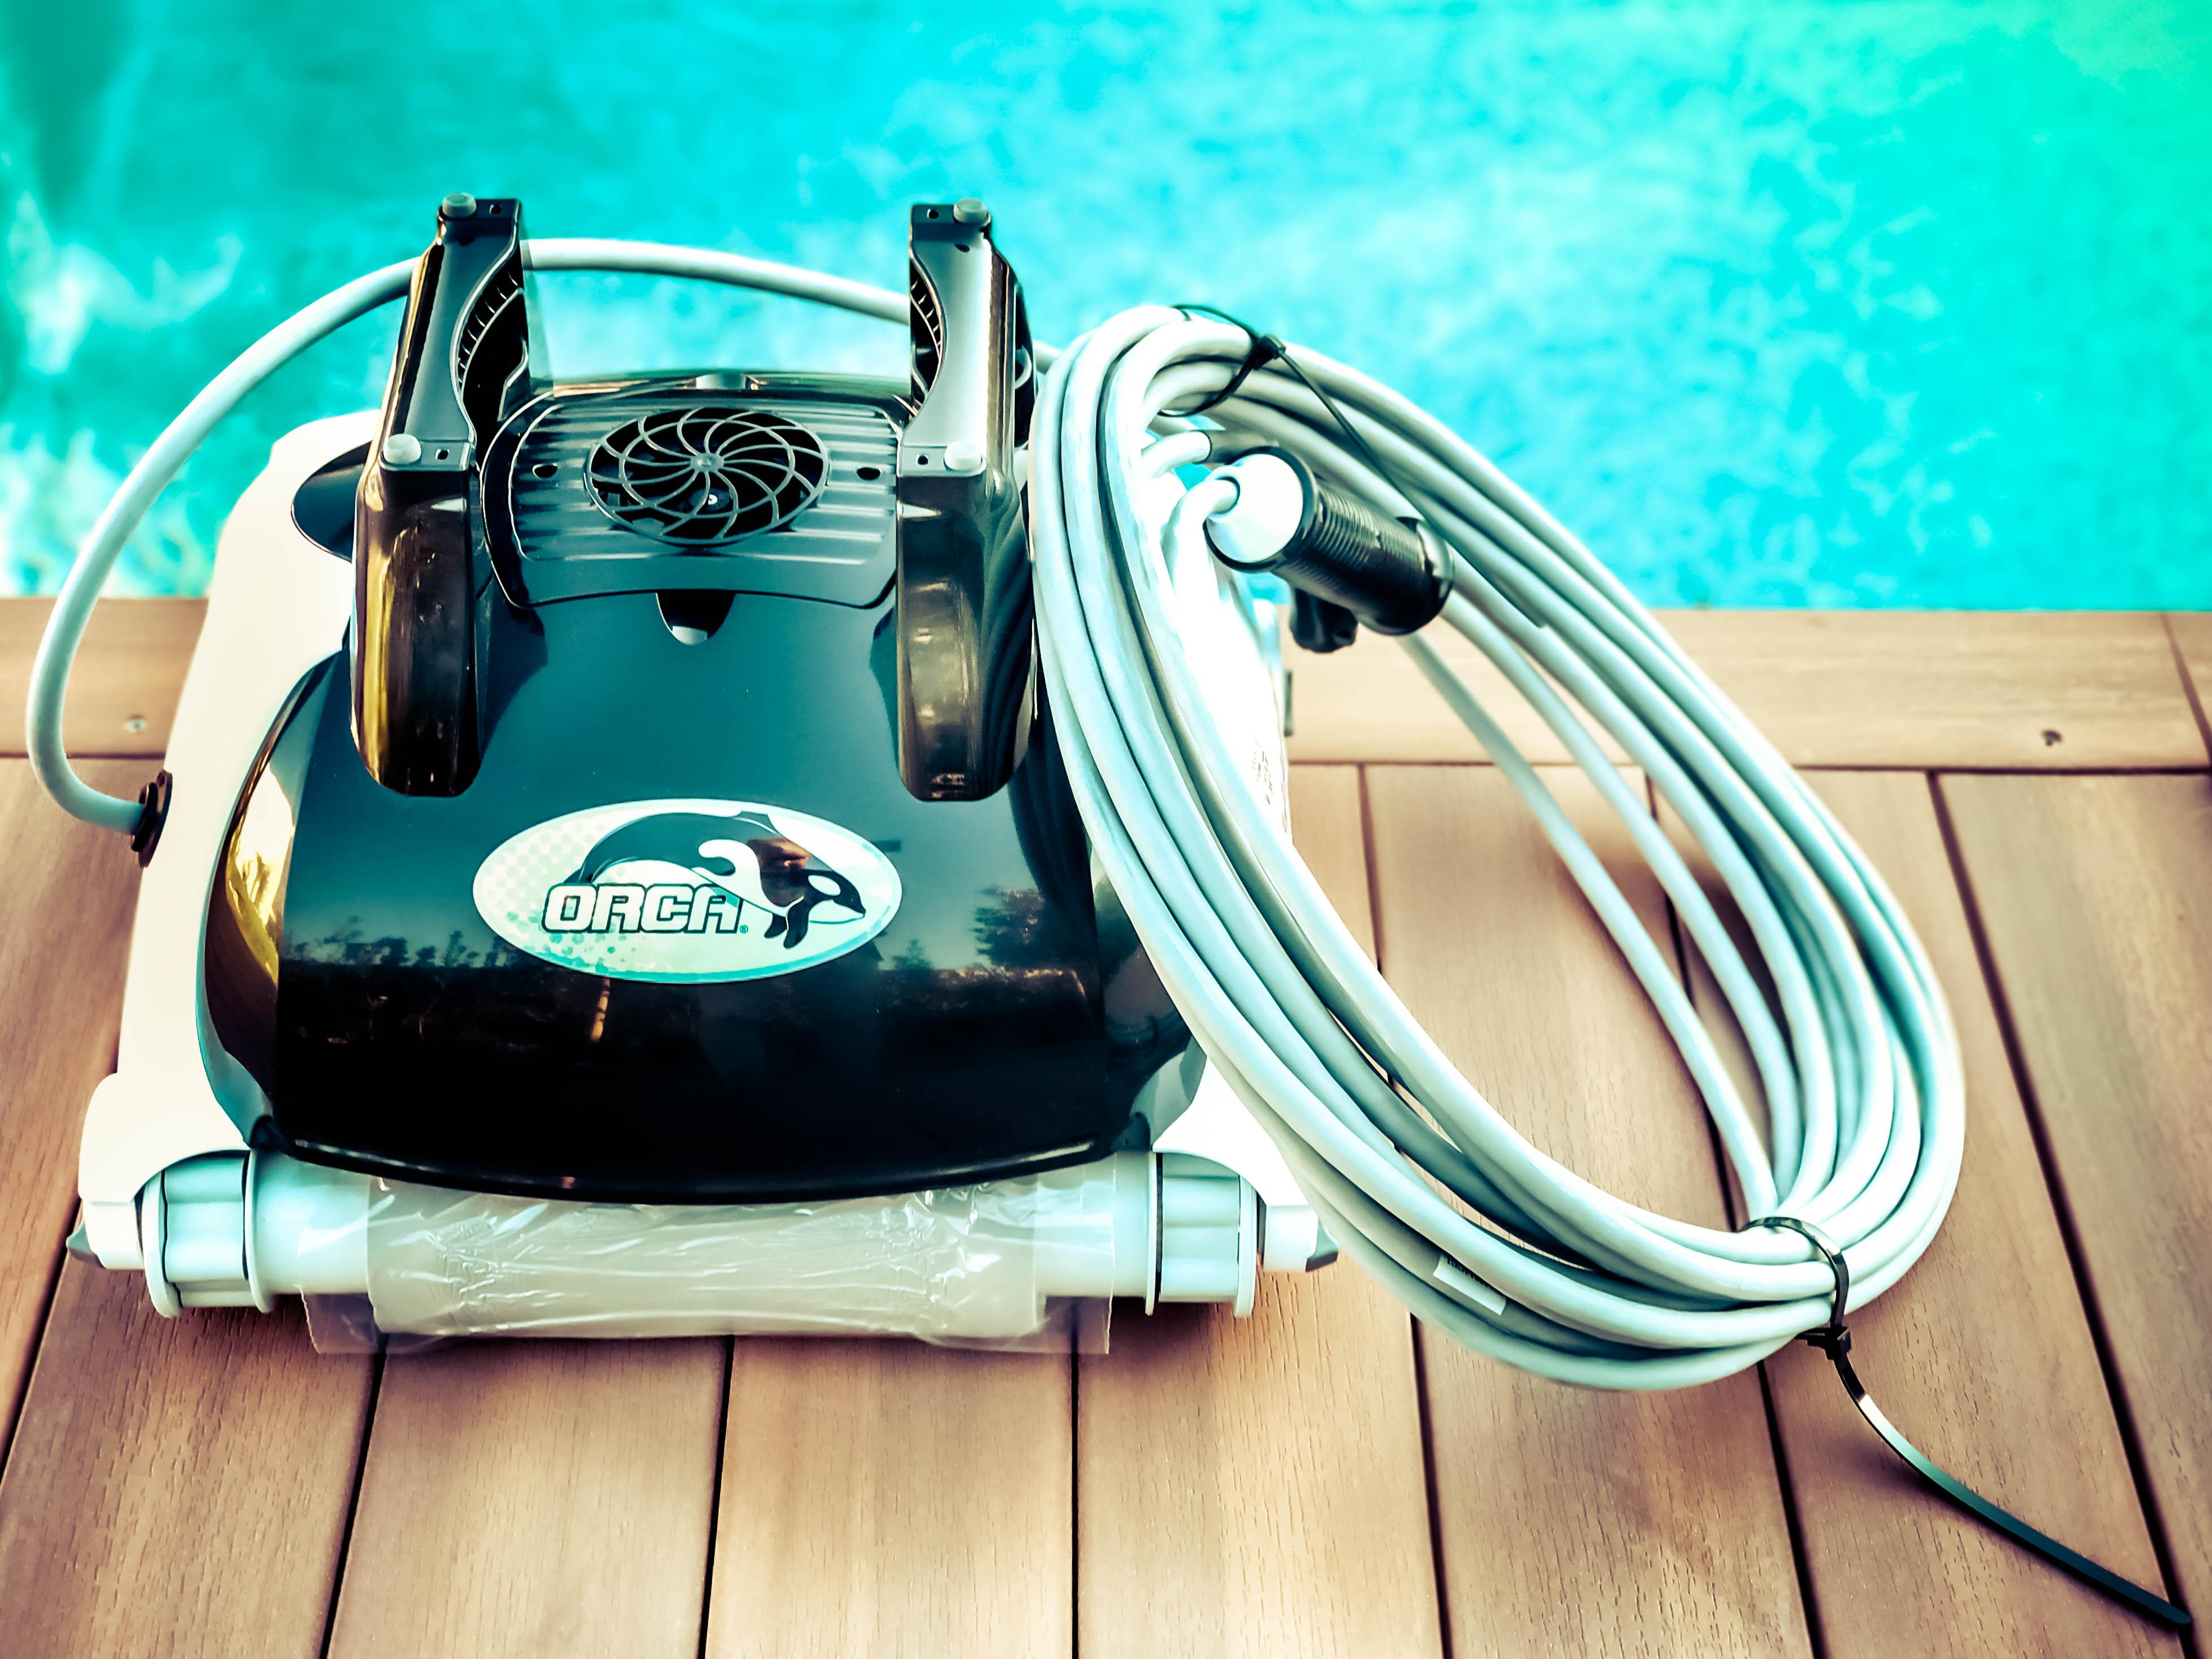 Robot orca 150 pour piscine enterrée et hors sol